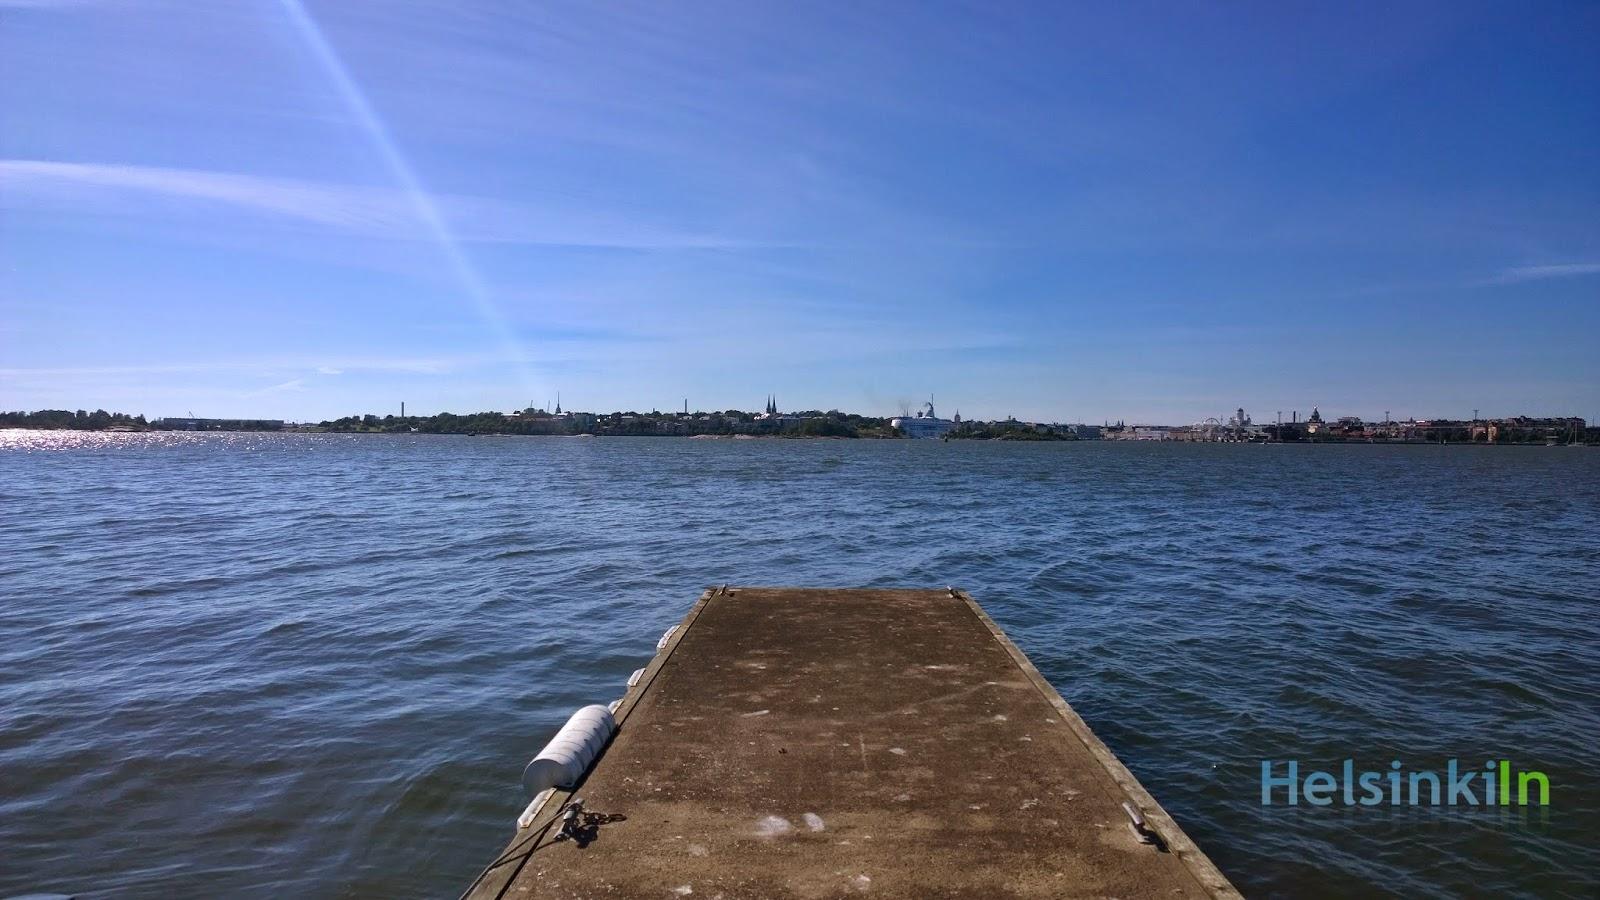 view towards Helsinki